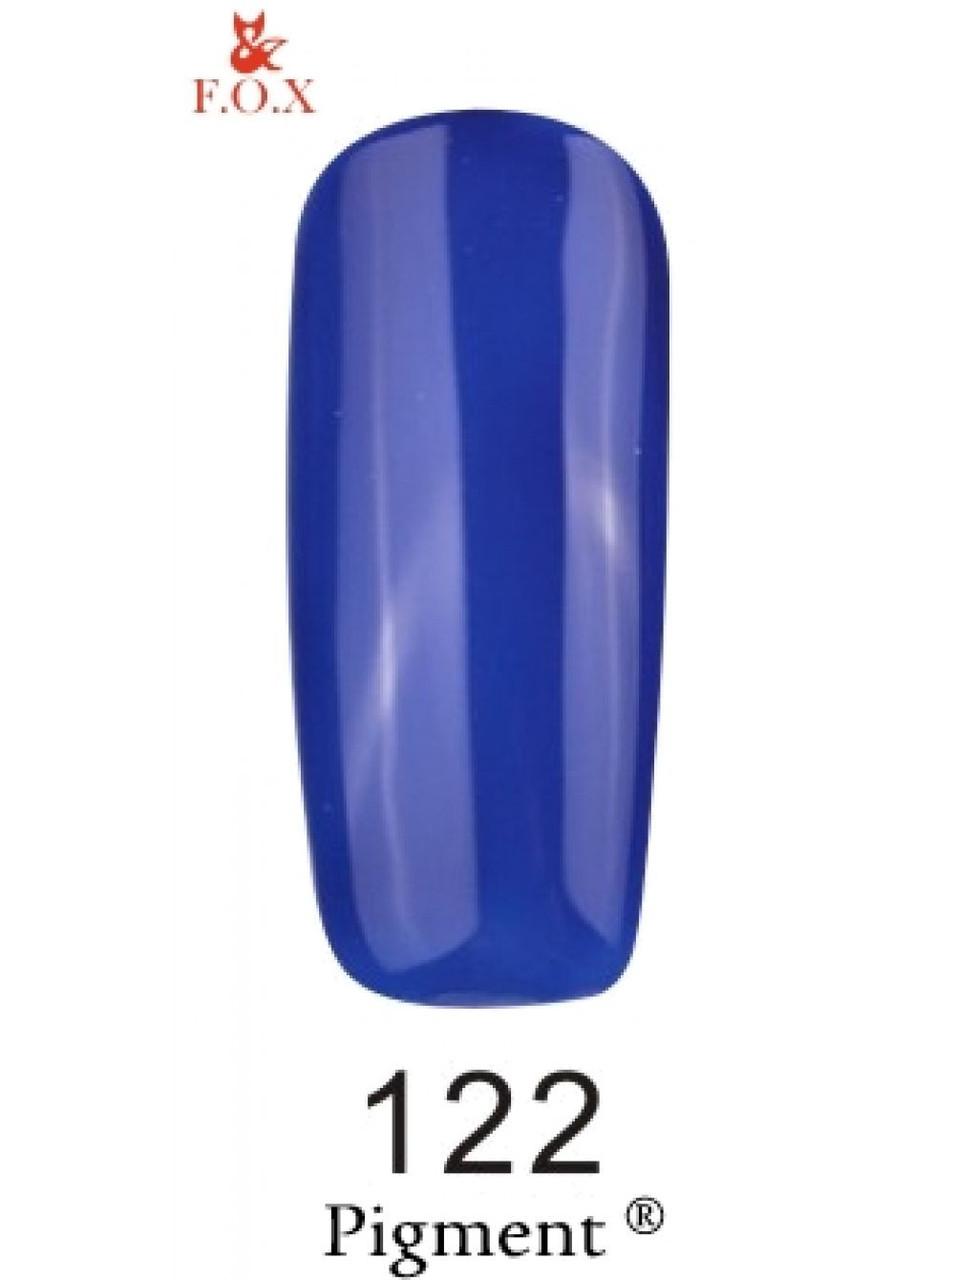 122 F.O.X gel-polish gold Pigment 6 мл